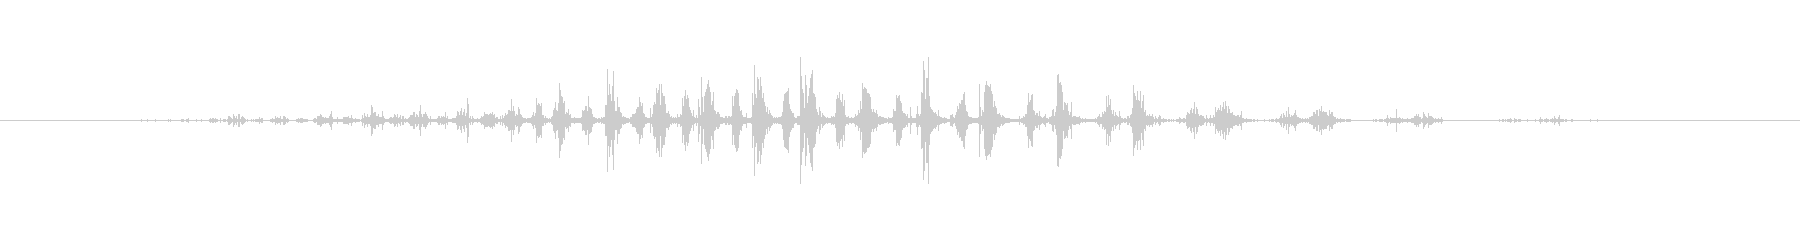 シェーカー ウッドラトルダイナミック02の未再生の波形